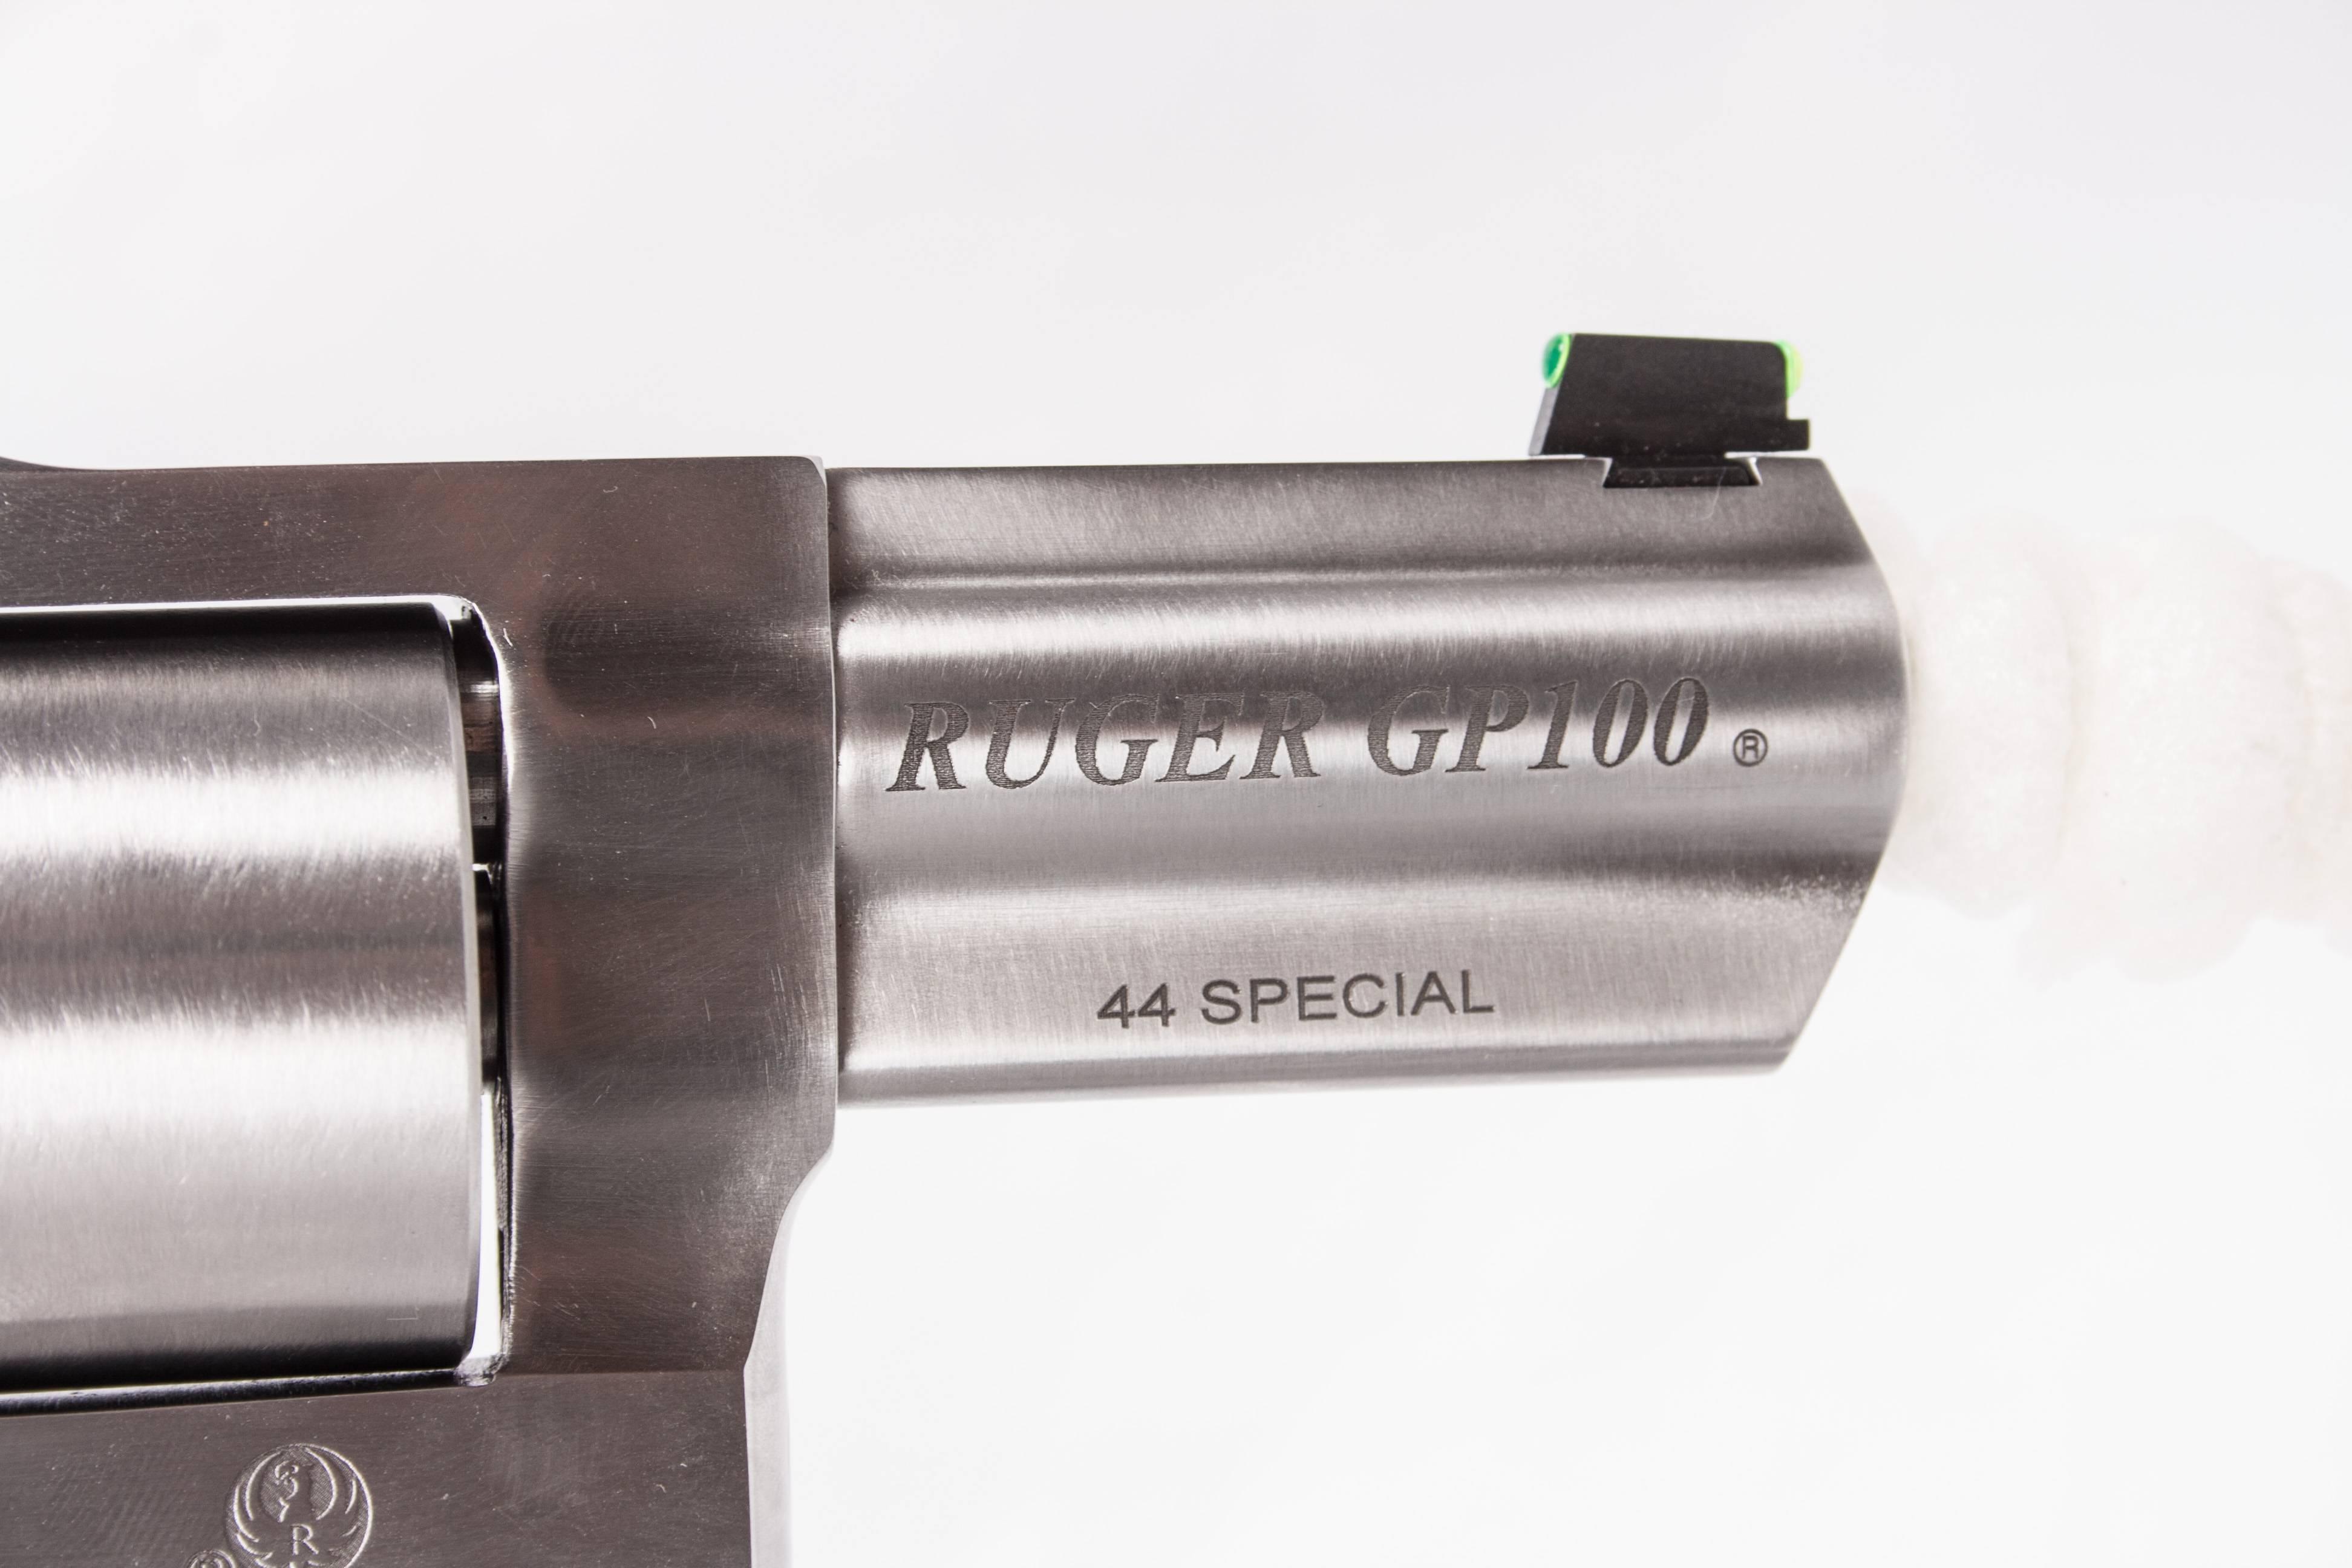 Ruger gp100 - ruger gp100 - qwe.wiki